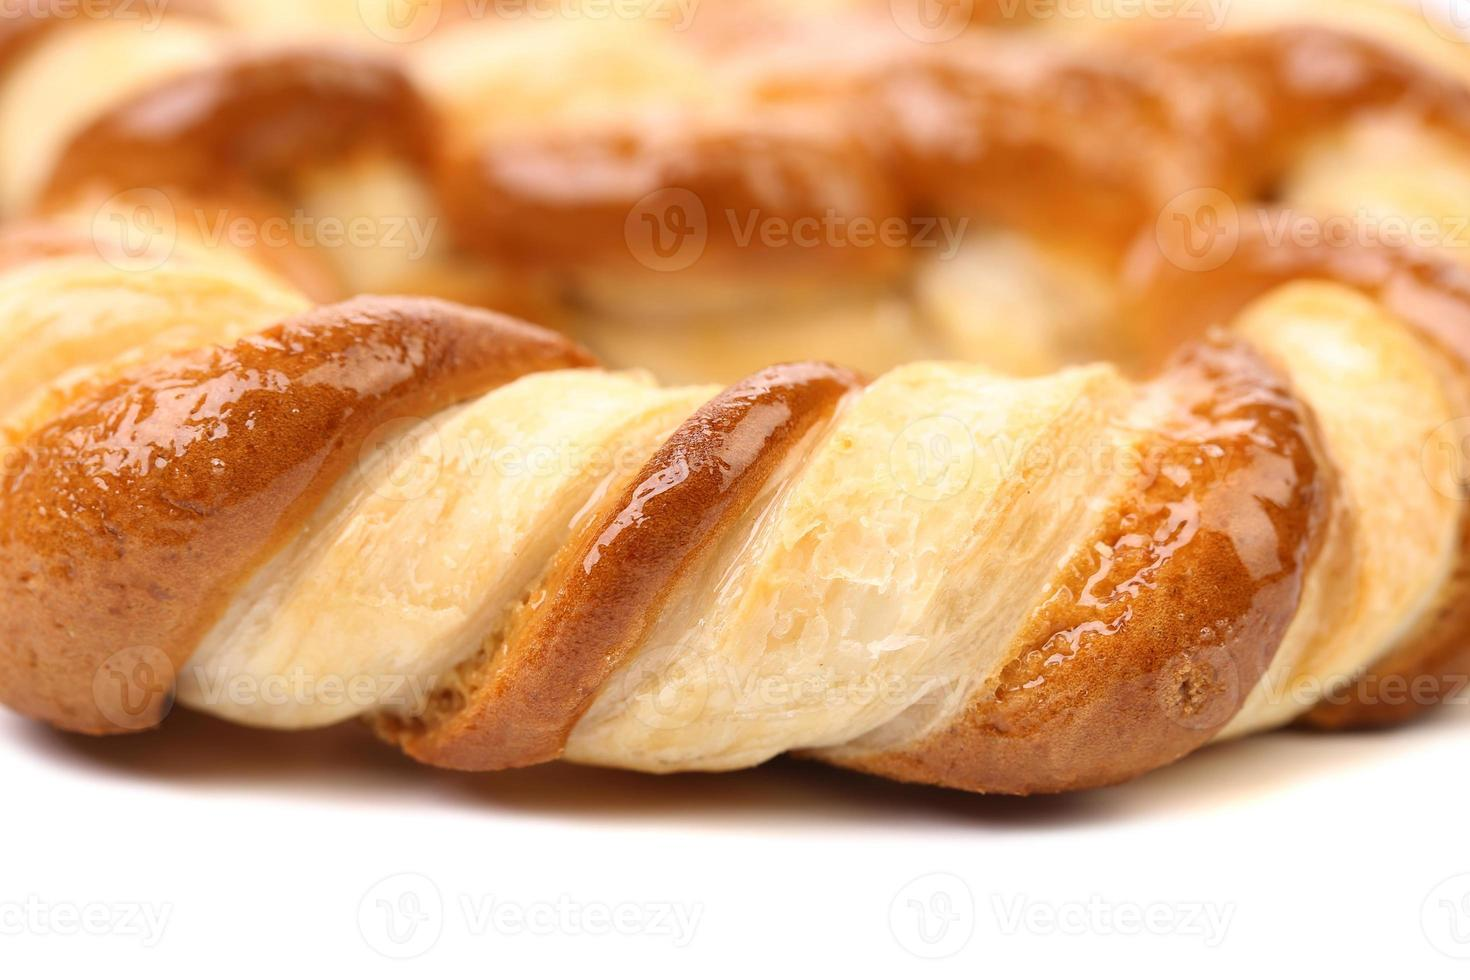 biscoitos em forma de nó em um fundo branco foto